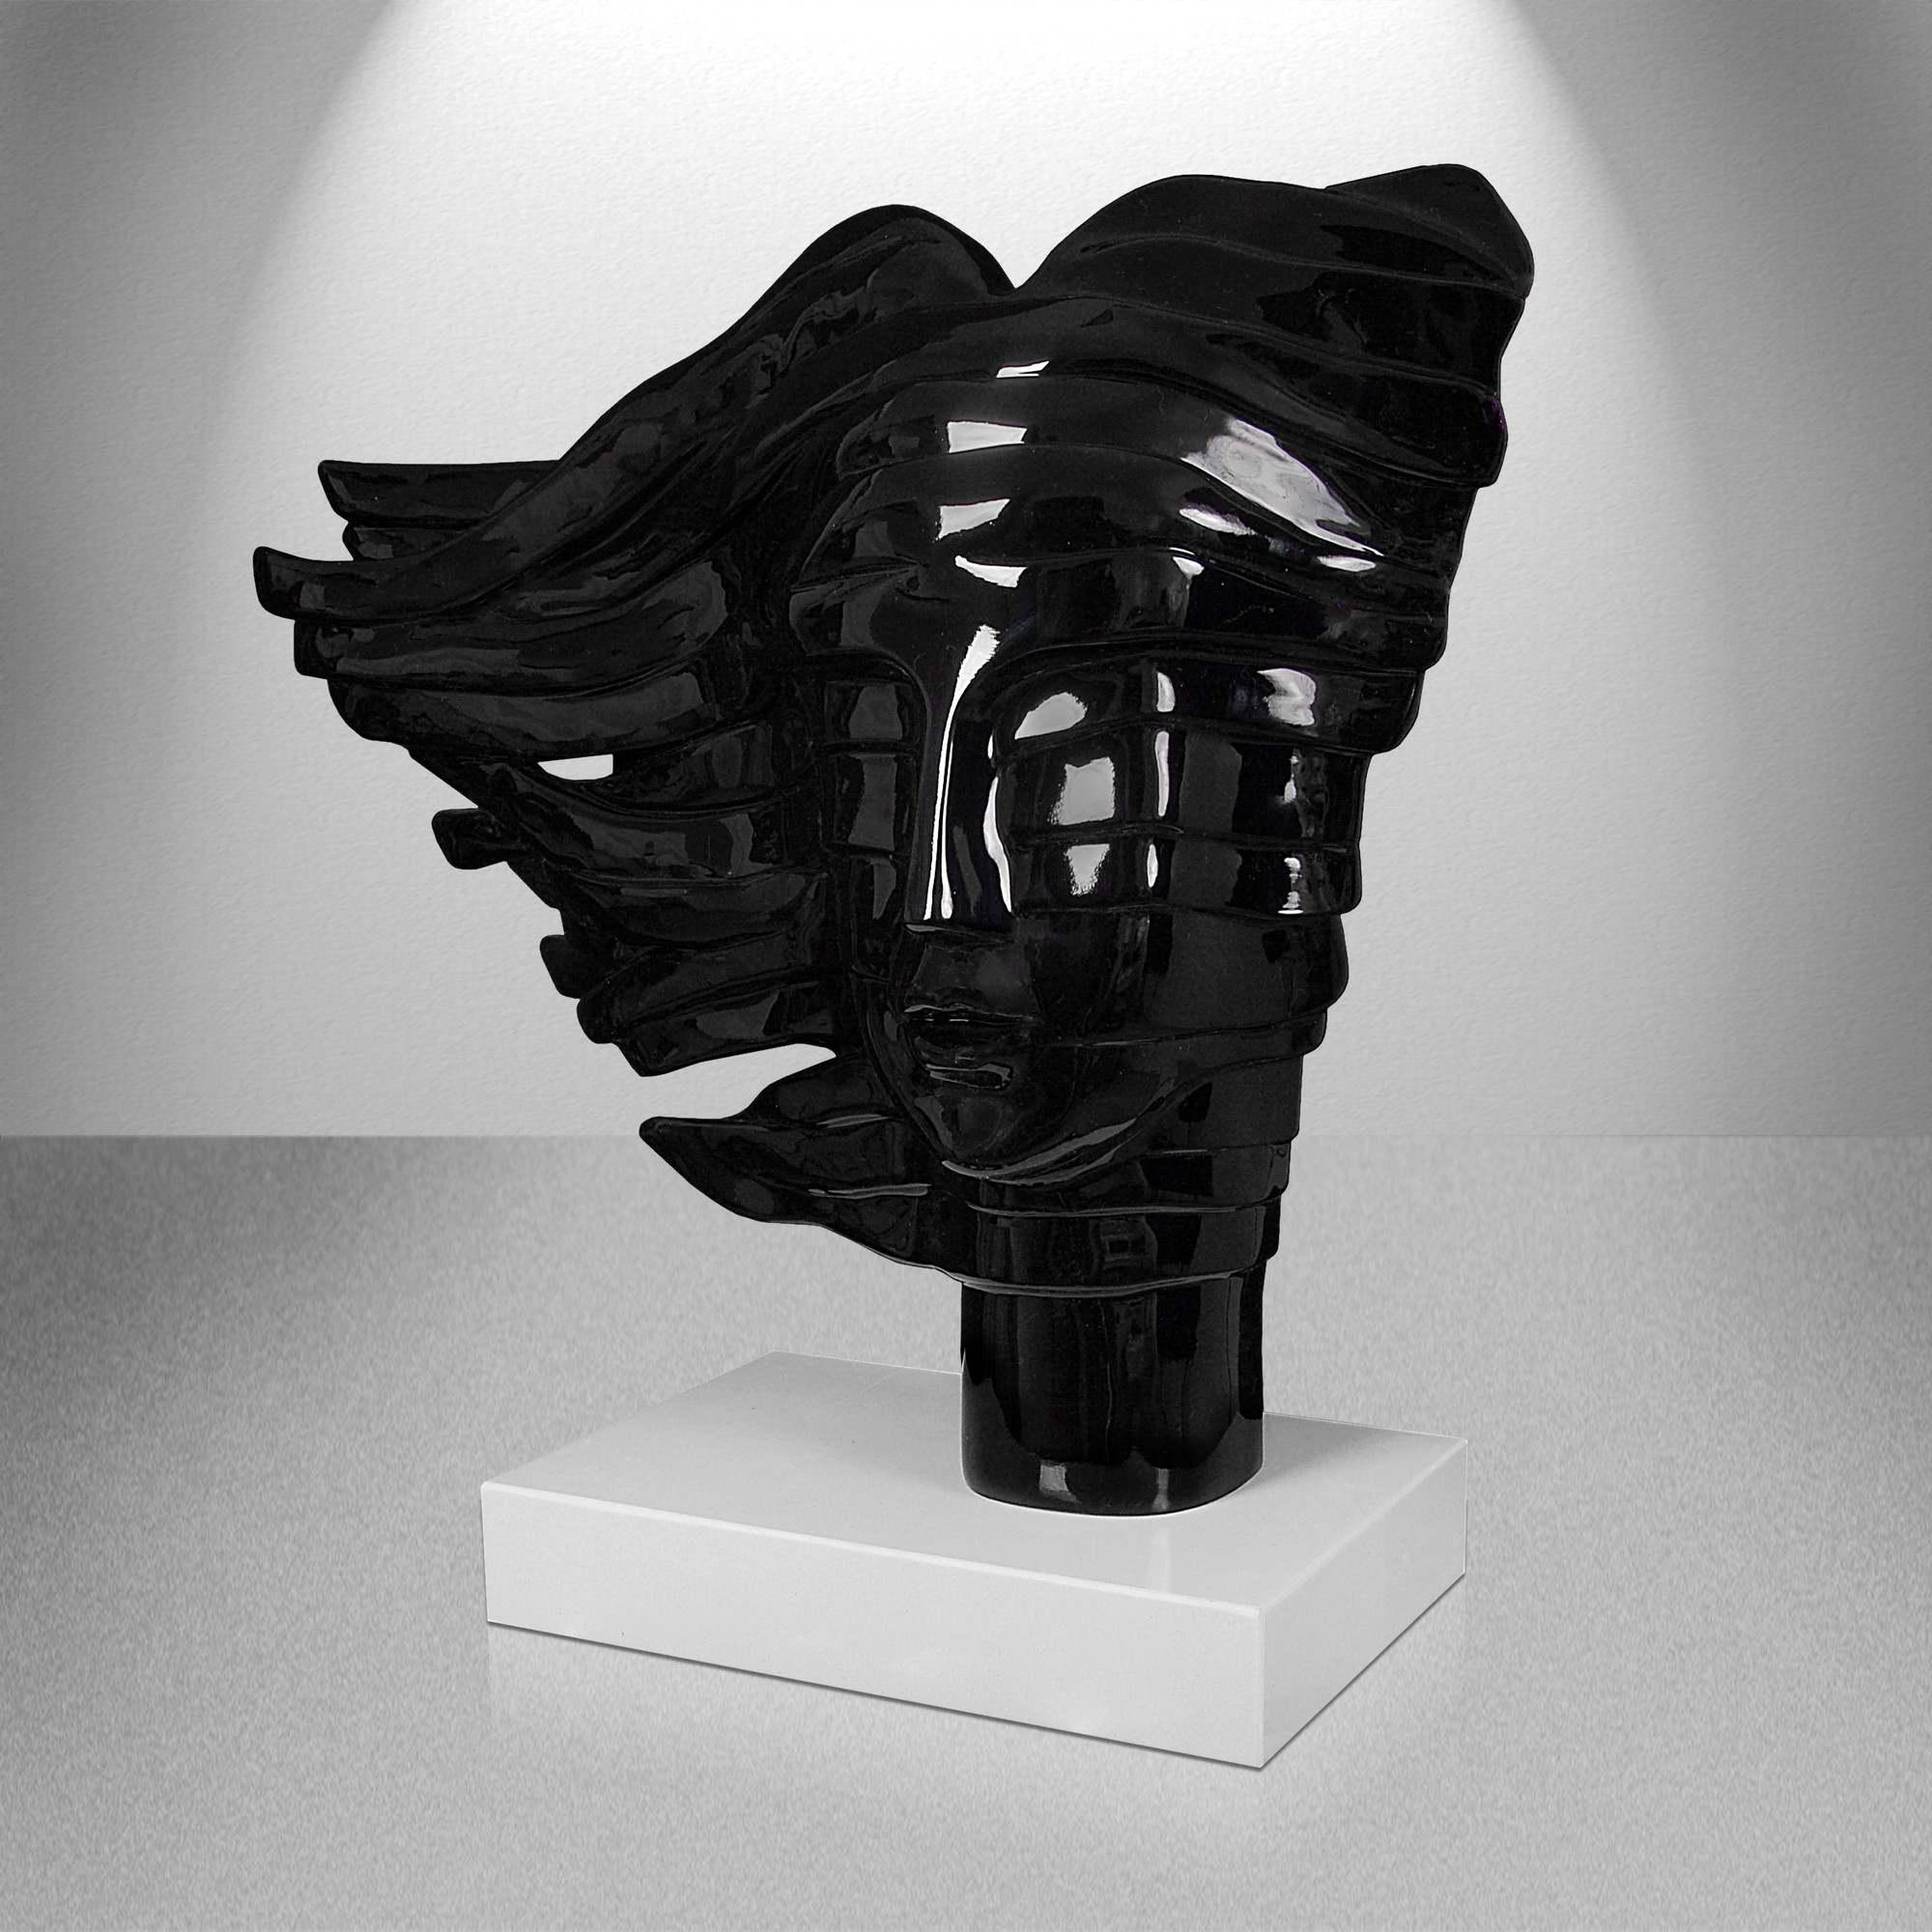 Estremamente scultura Il viso di Donna vetroresina nera, scultura in vendita. RH02